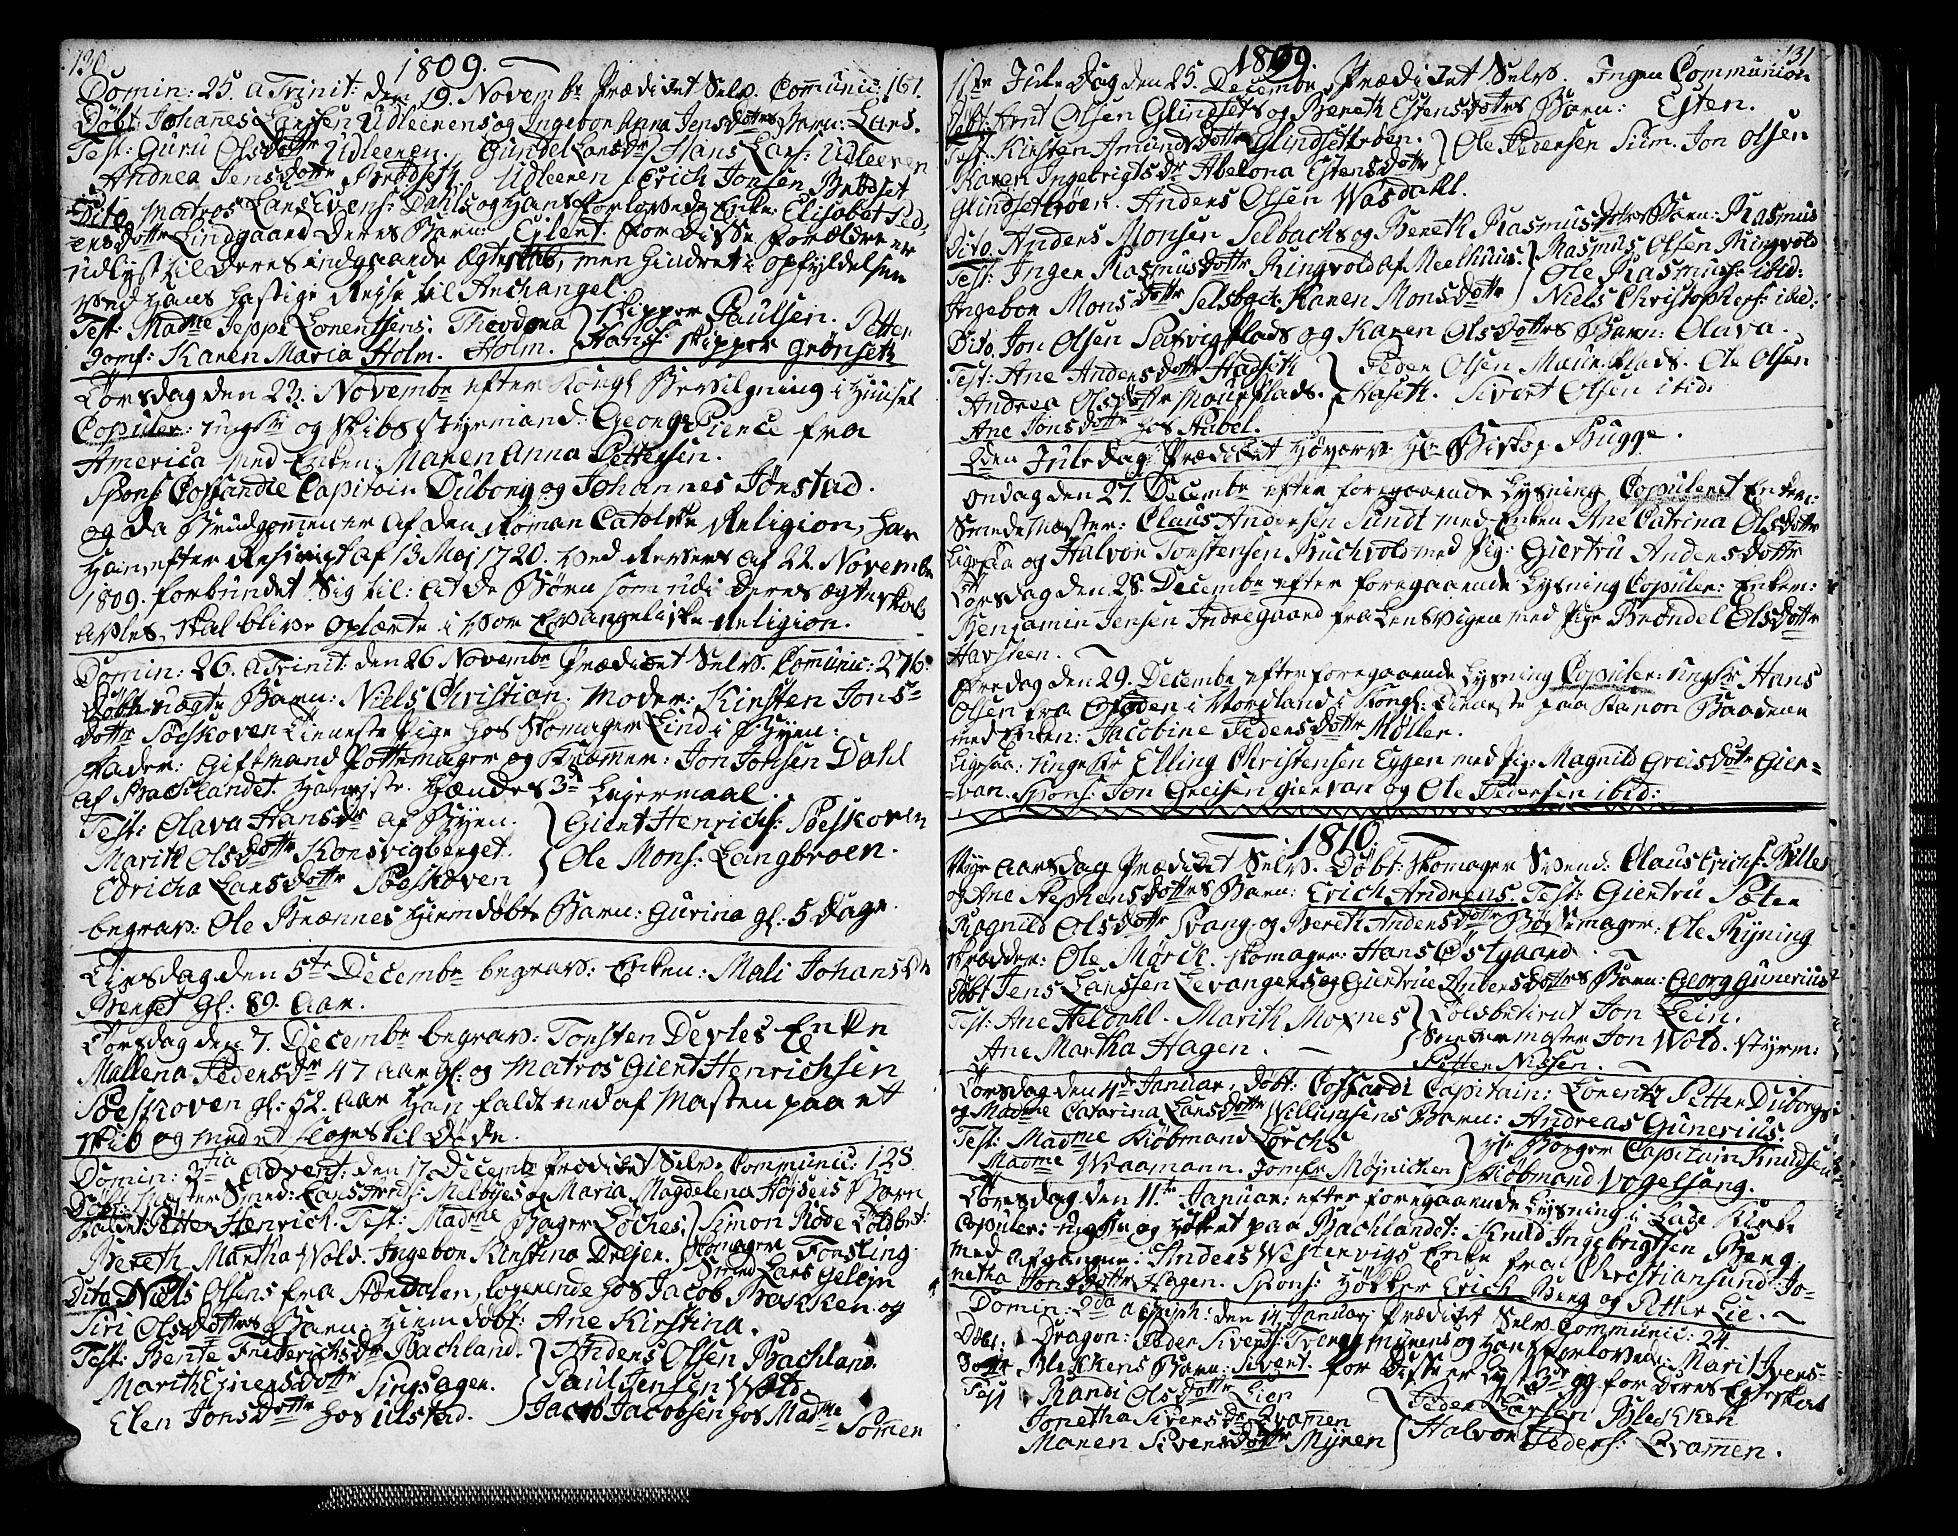 SAT, Ministerialprotokoller, klokkerbøker og fødselsregistre - Sør-Trøndelag, 604/L0181: Ministerialbok nr. 604A02, 1798-1817, s. 130-131